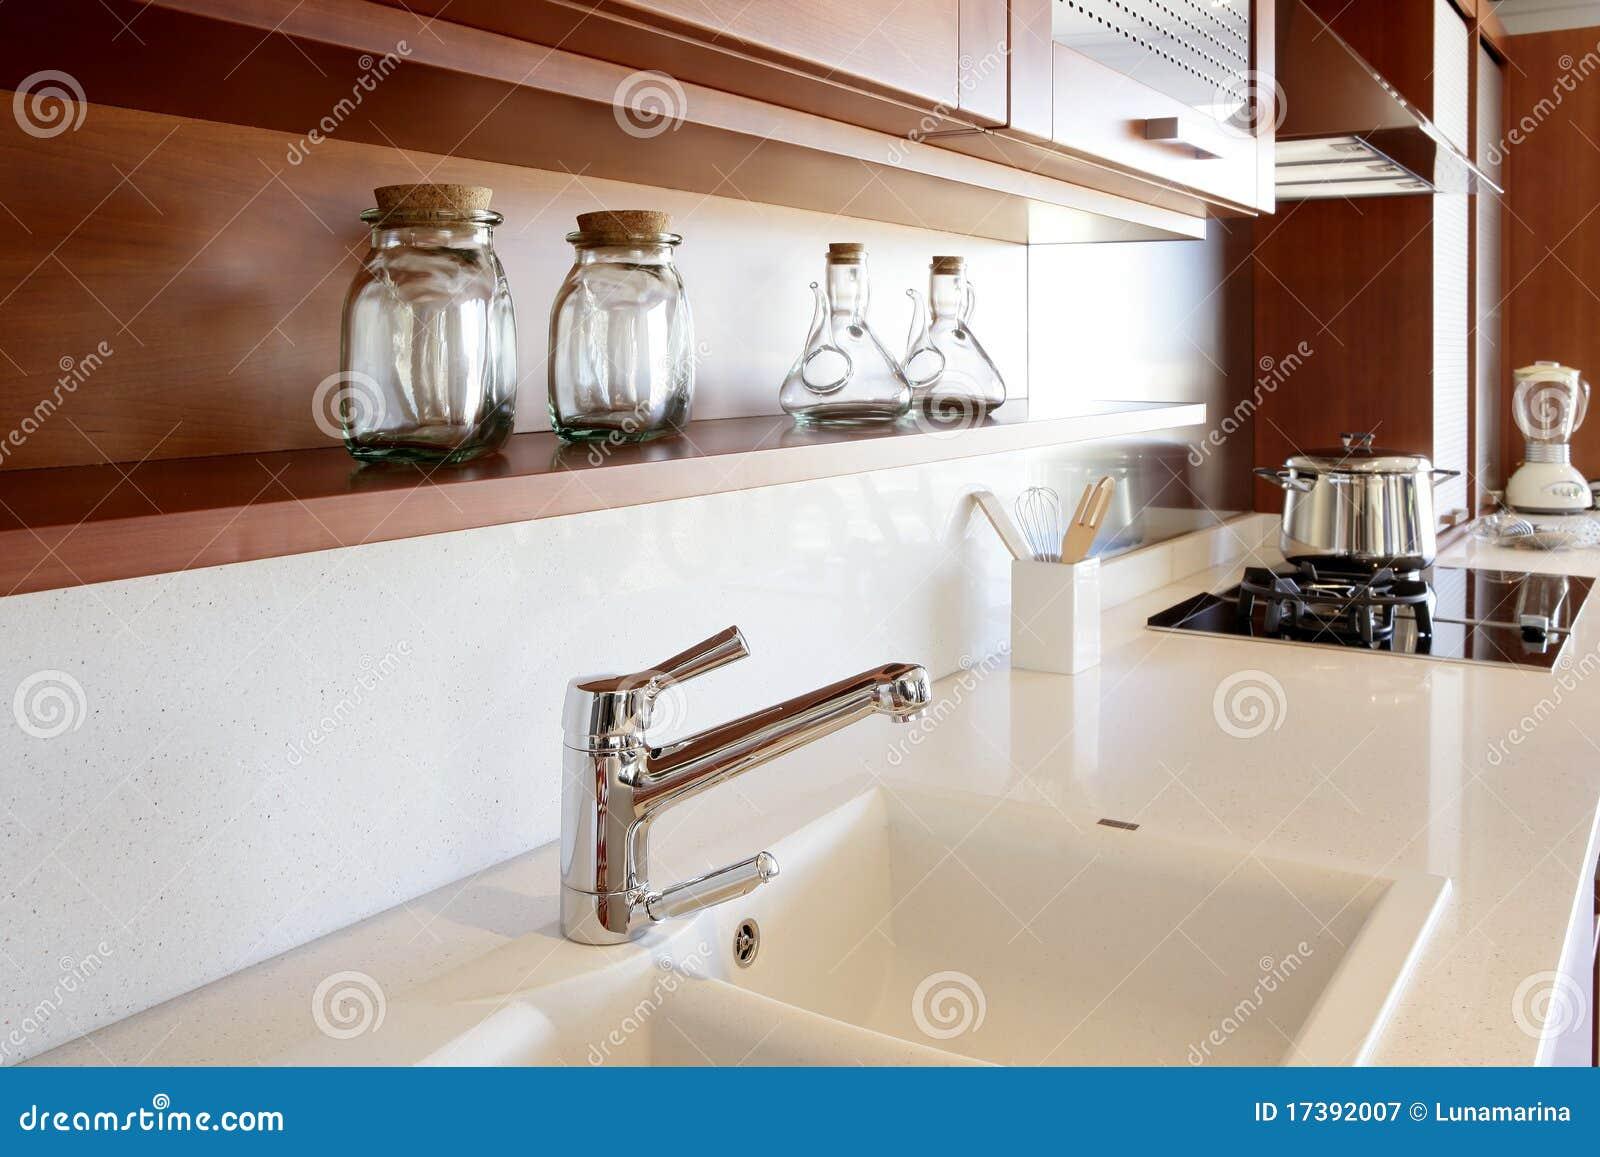 Banc blanc de cuisine de cuisine en bois rouge - Cuisine bois rouge ...